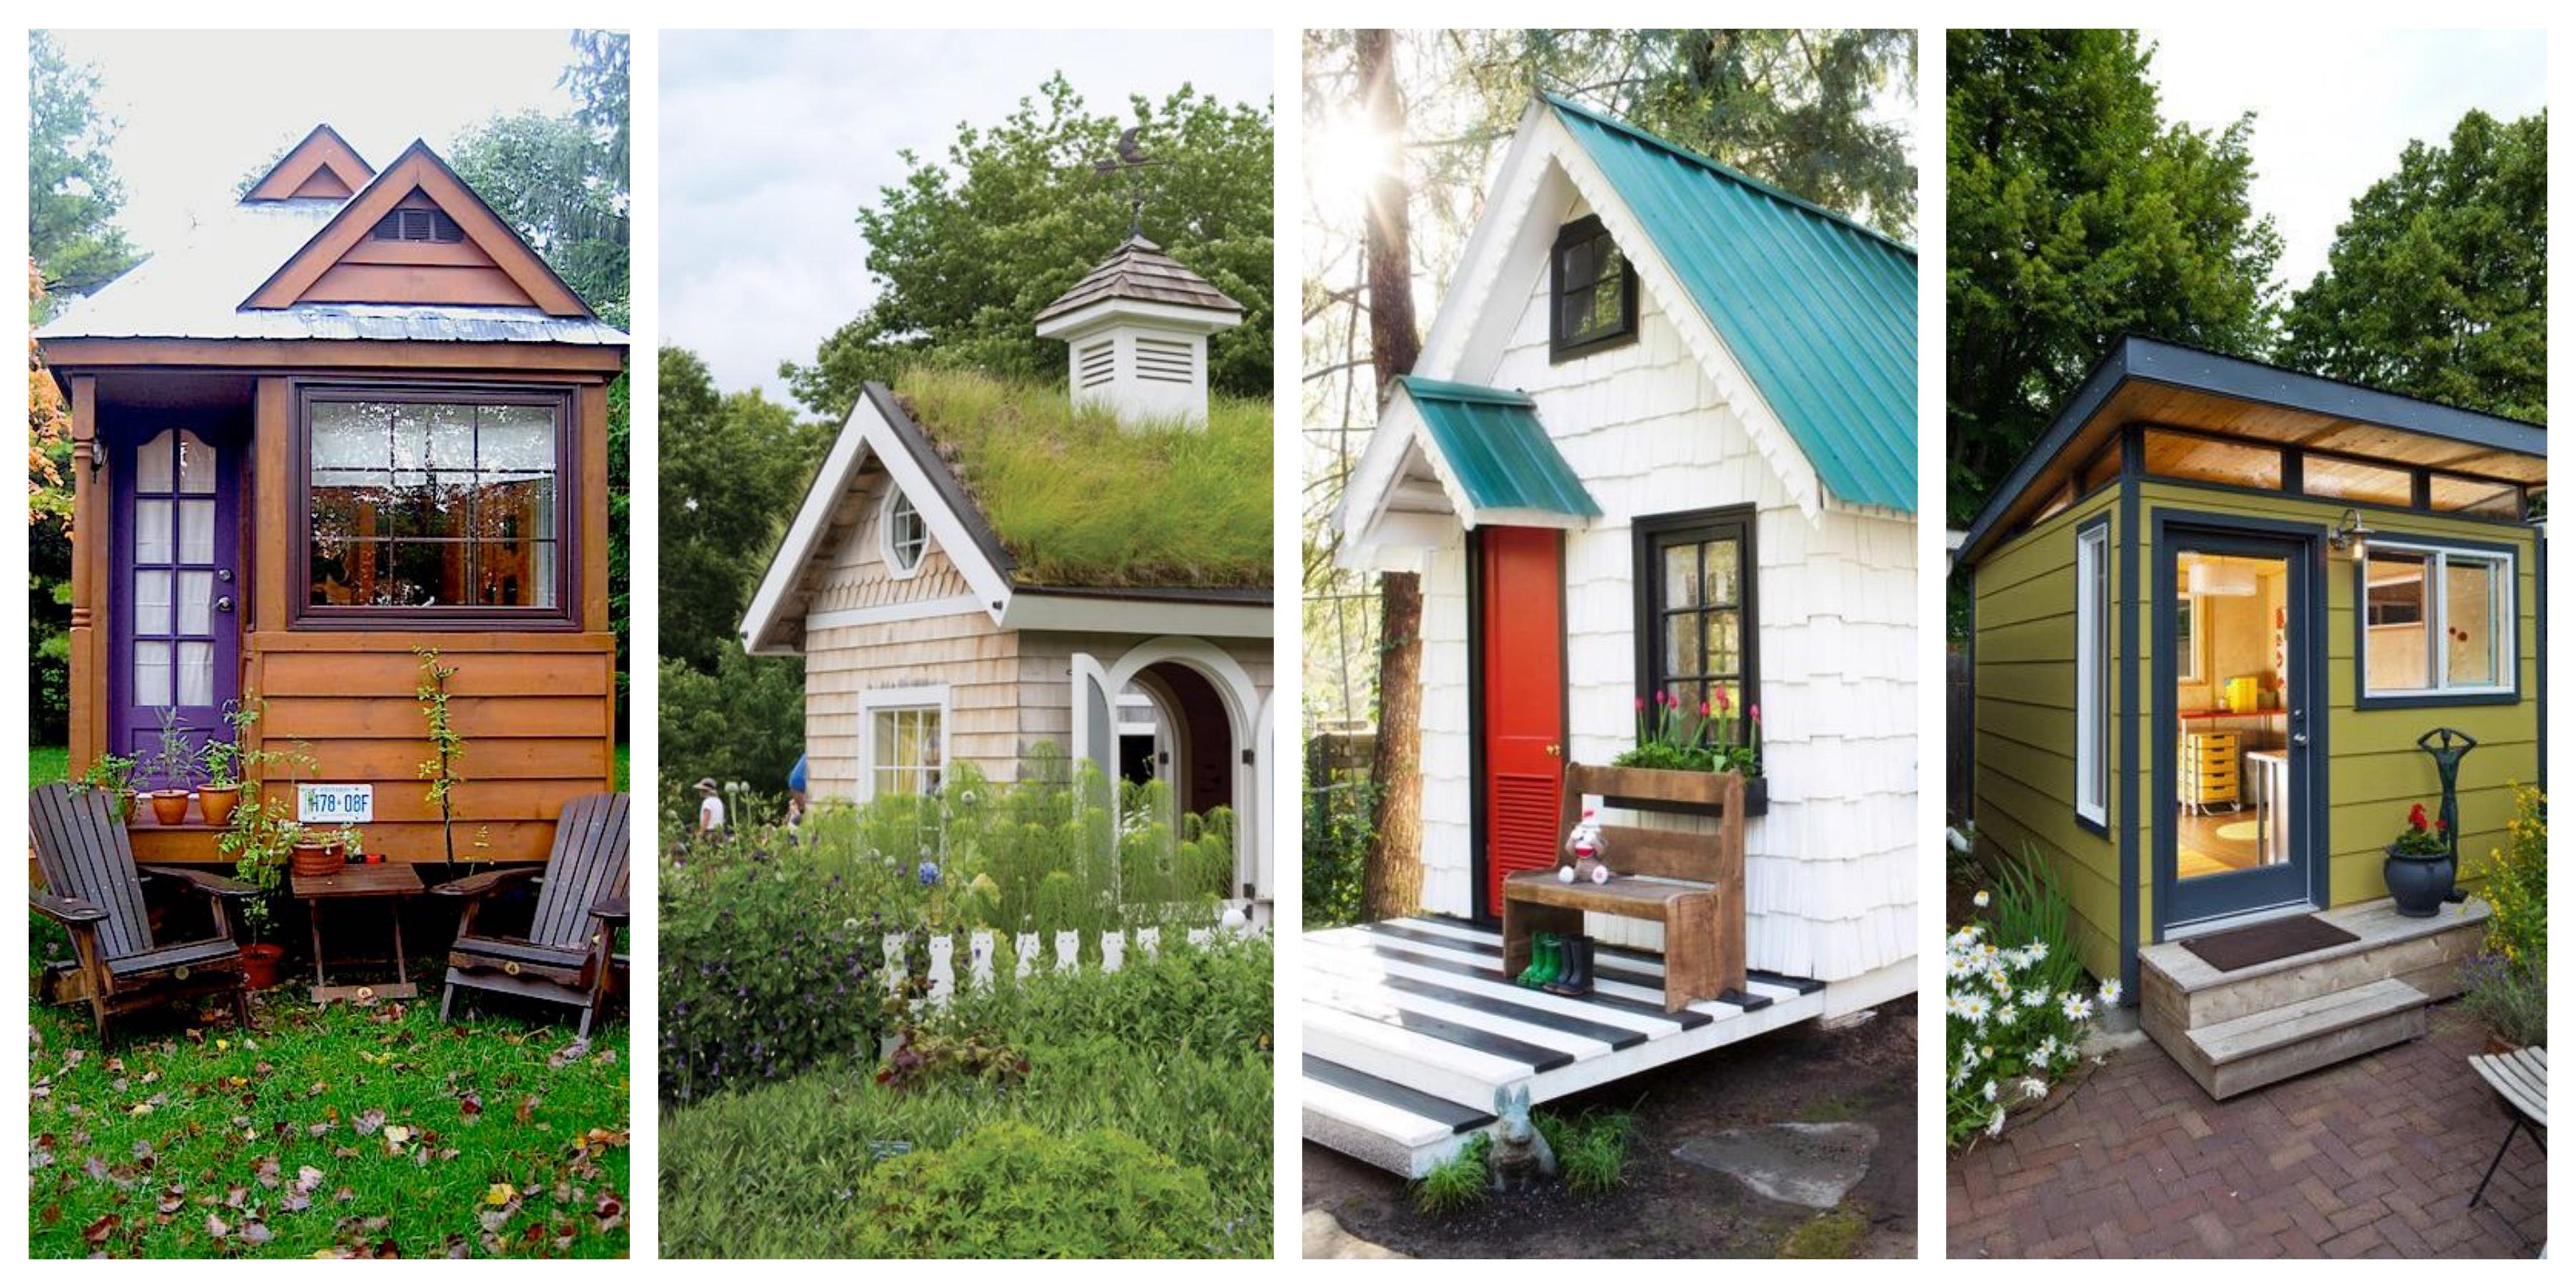 Zahradní chatky - inspirace, fotogalerie